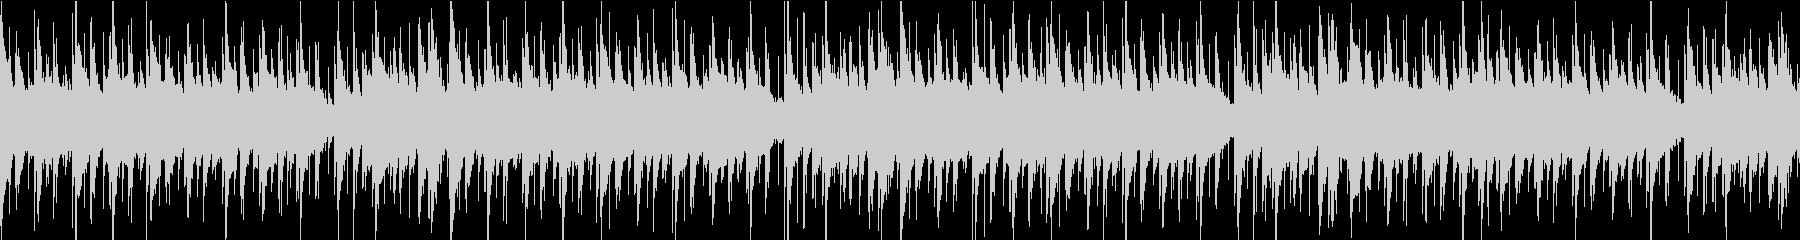 主張の少ないシンプルなブルースのループの未再生の波形